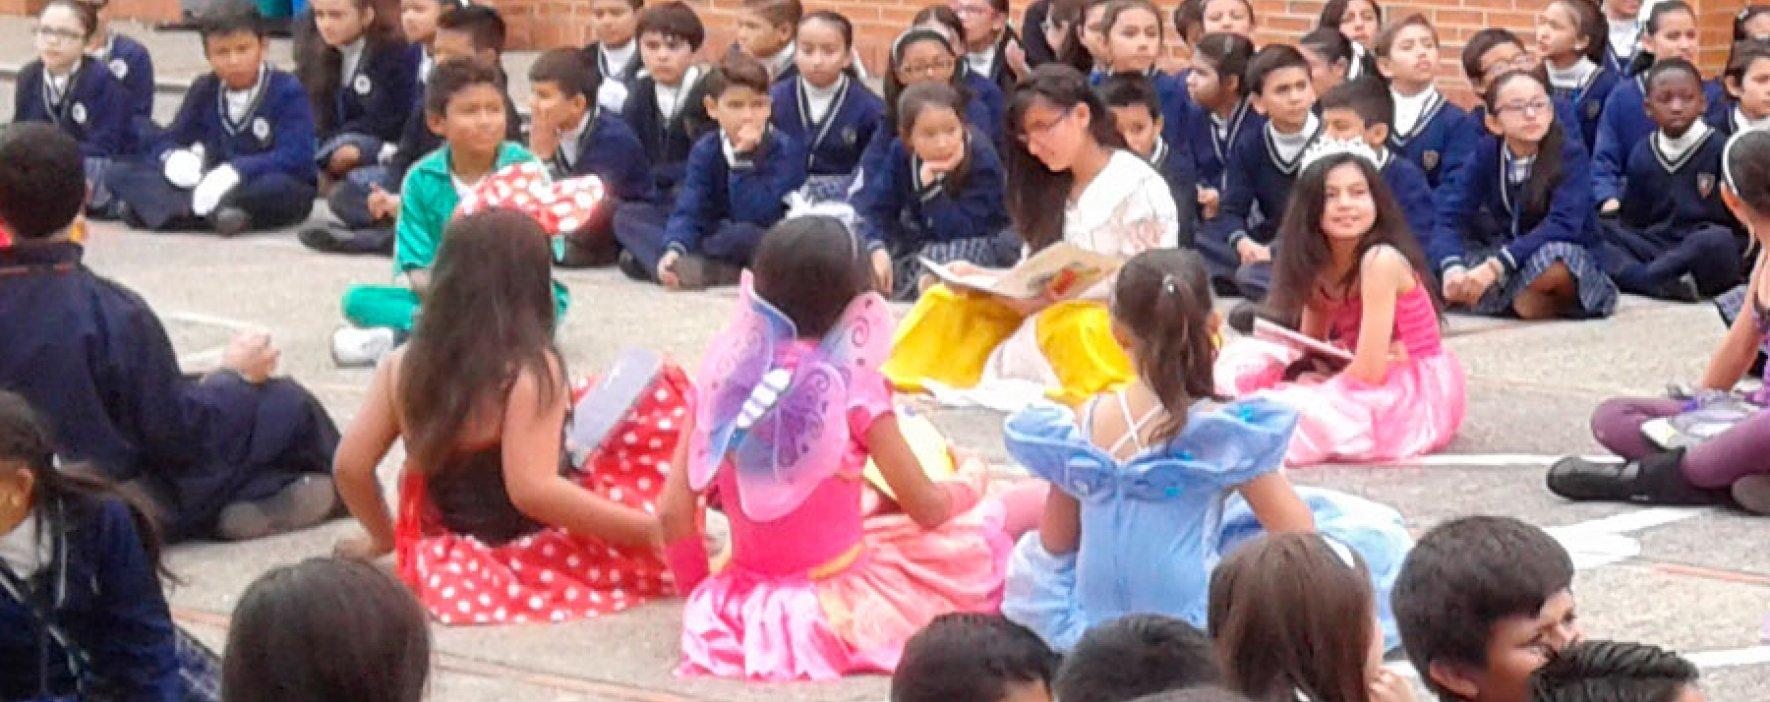 Colegio Compartir celebró el día del idioma